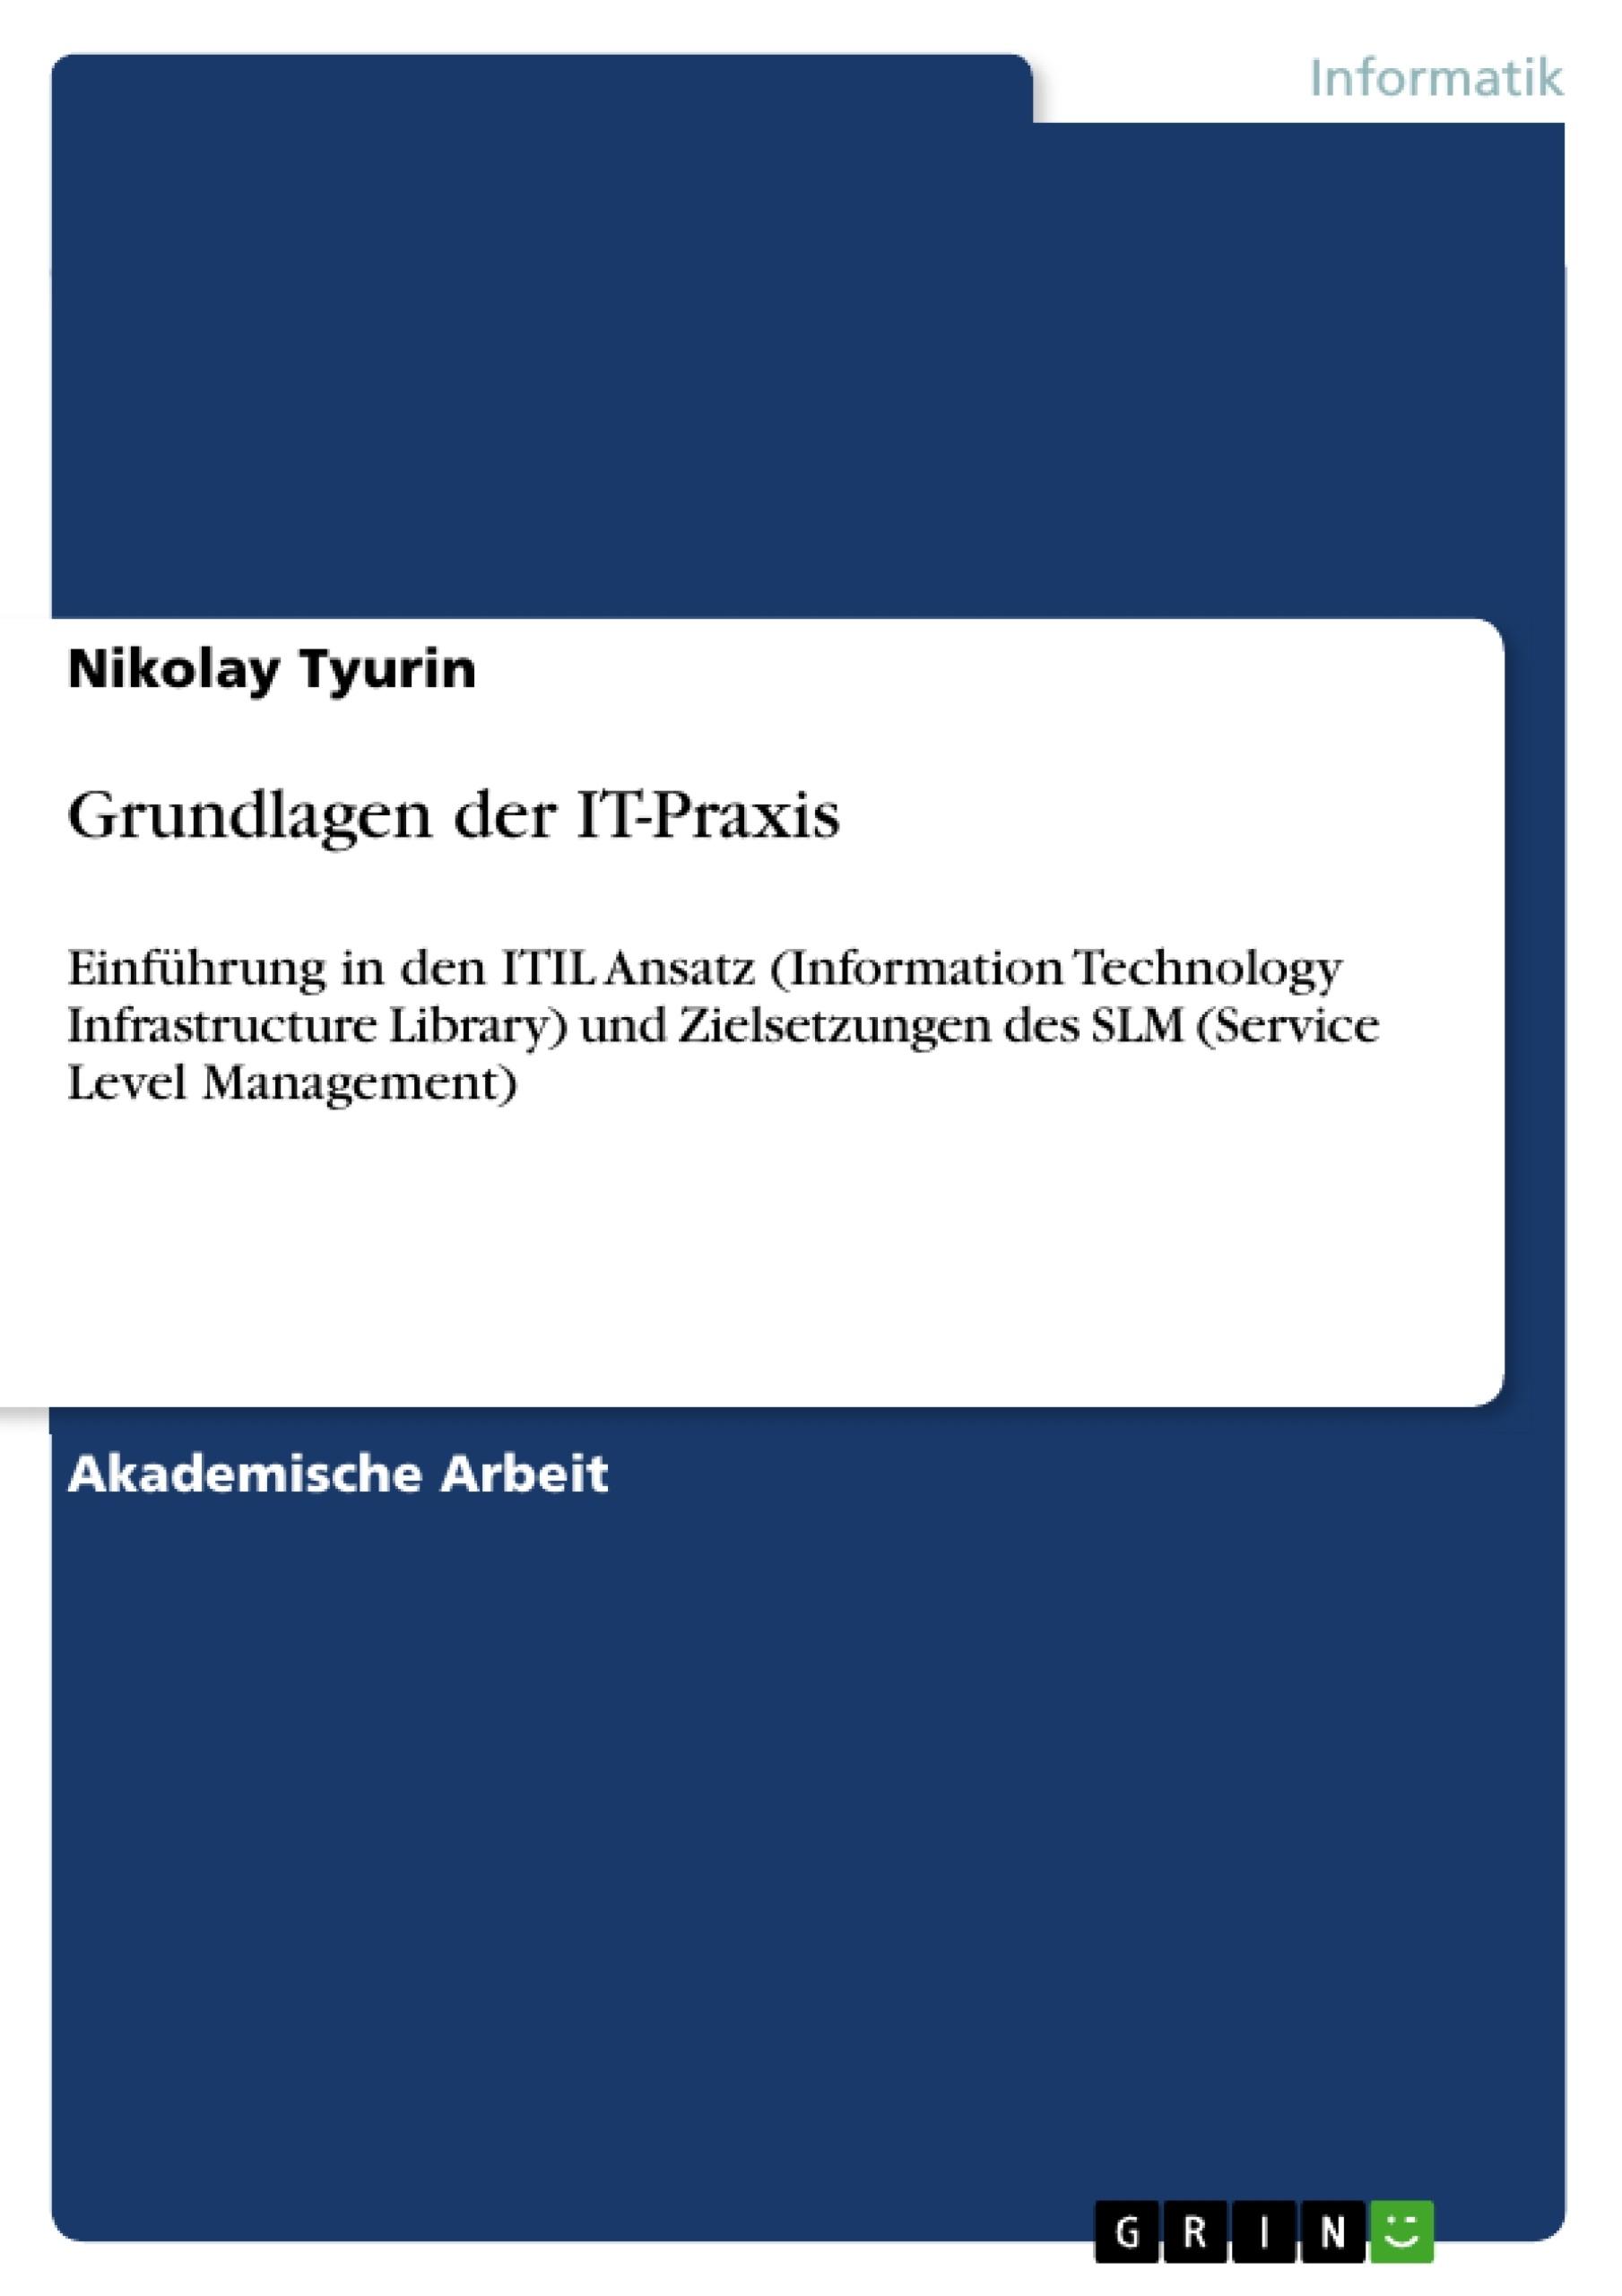 Titel: Grundlagen der IT-Praxis